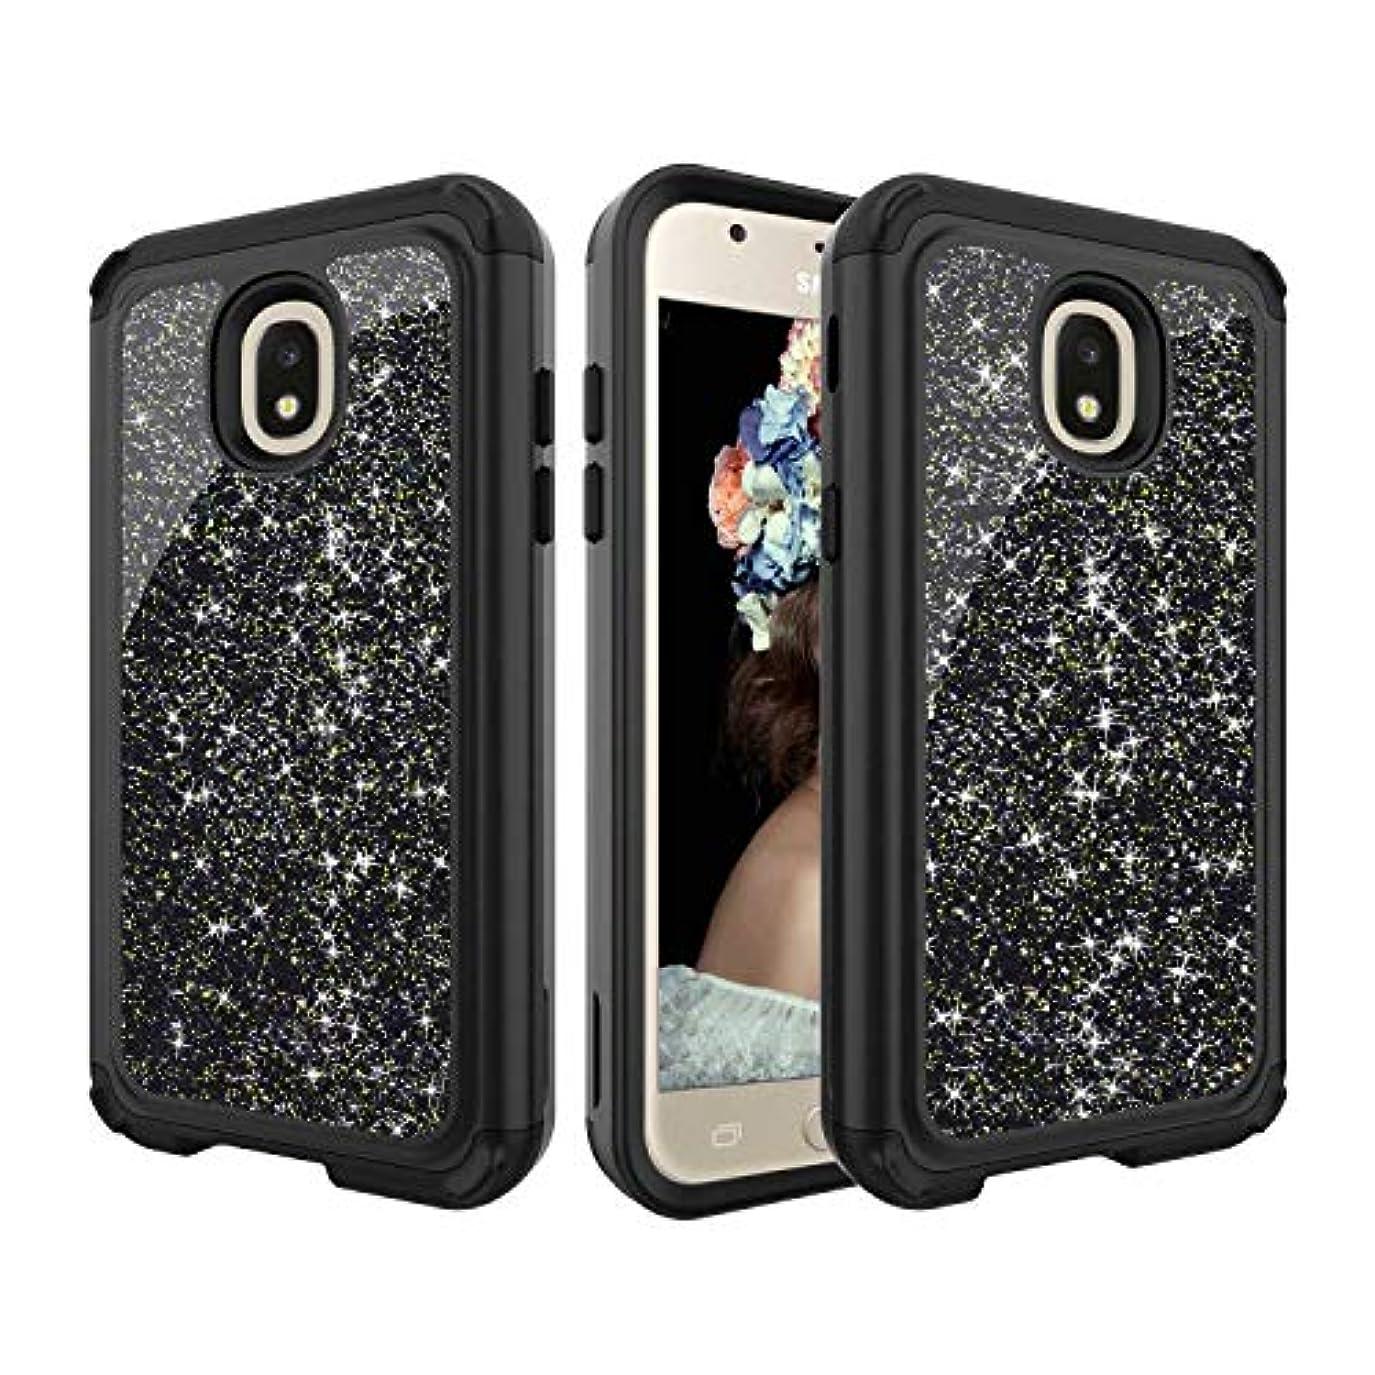 それら全部広範囲Galaxy J3 2018 ケース CUSKING PC&シリコン 二重保護 ケース きらきら 無地 おしゃれ 2層構造 ケース Samsung Galaxy J3 2018 対応 保護カバー - ブラック